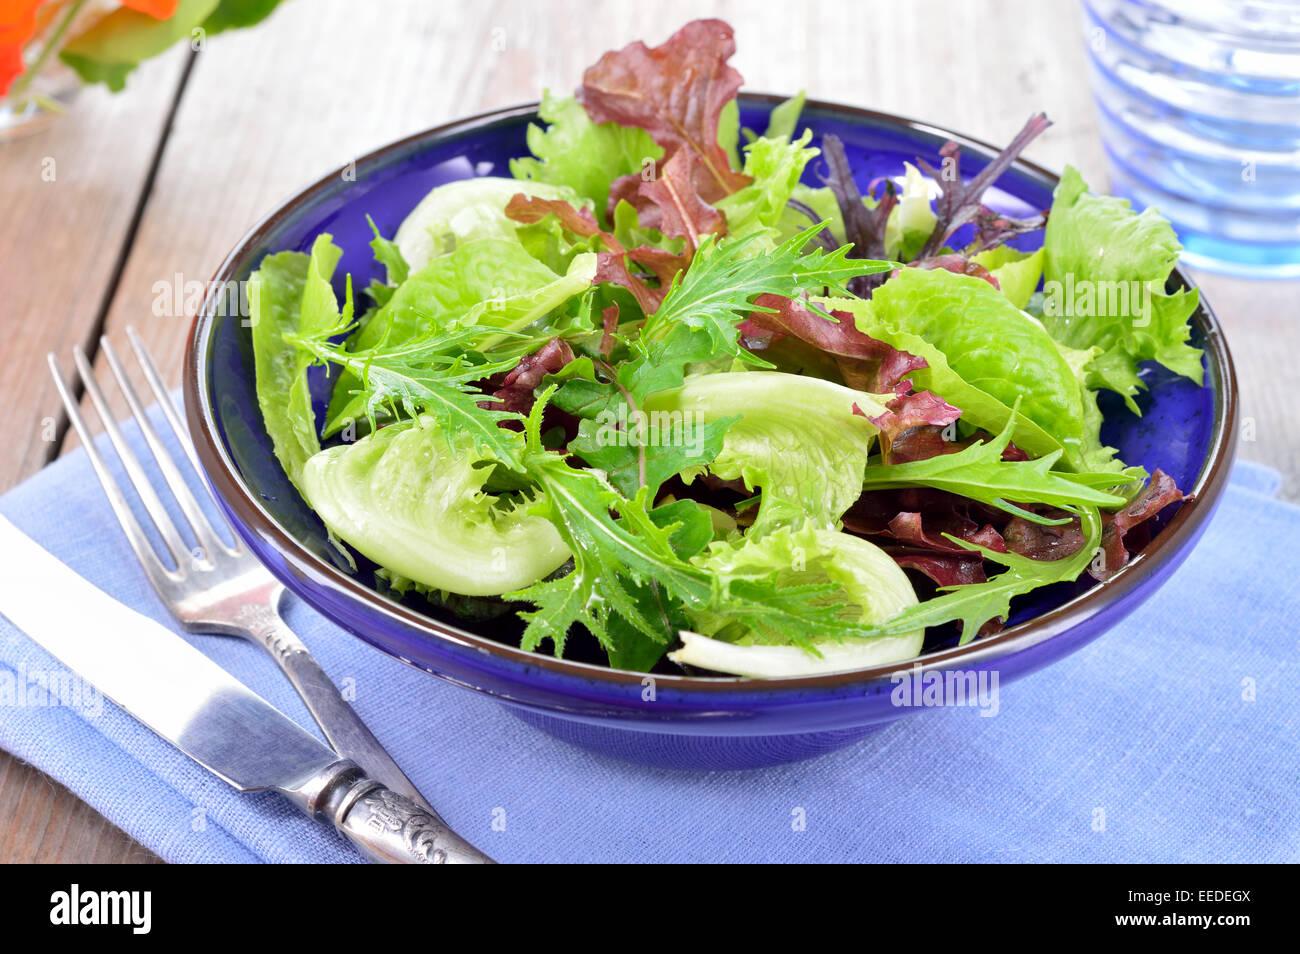 Luz fresca ensalada de hojas verdes mixtas. Lechuga mizuna, rúcula y lechuga oakleave en azul el tazón Imagen De Stock